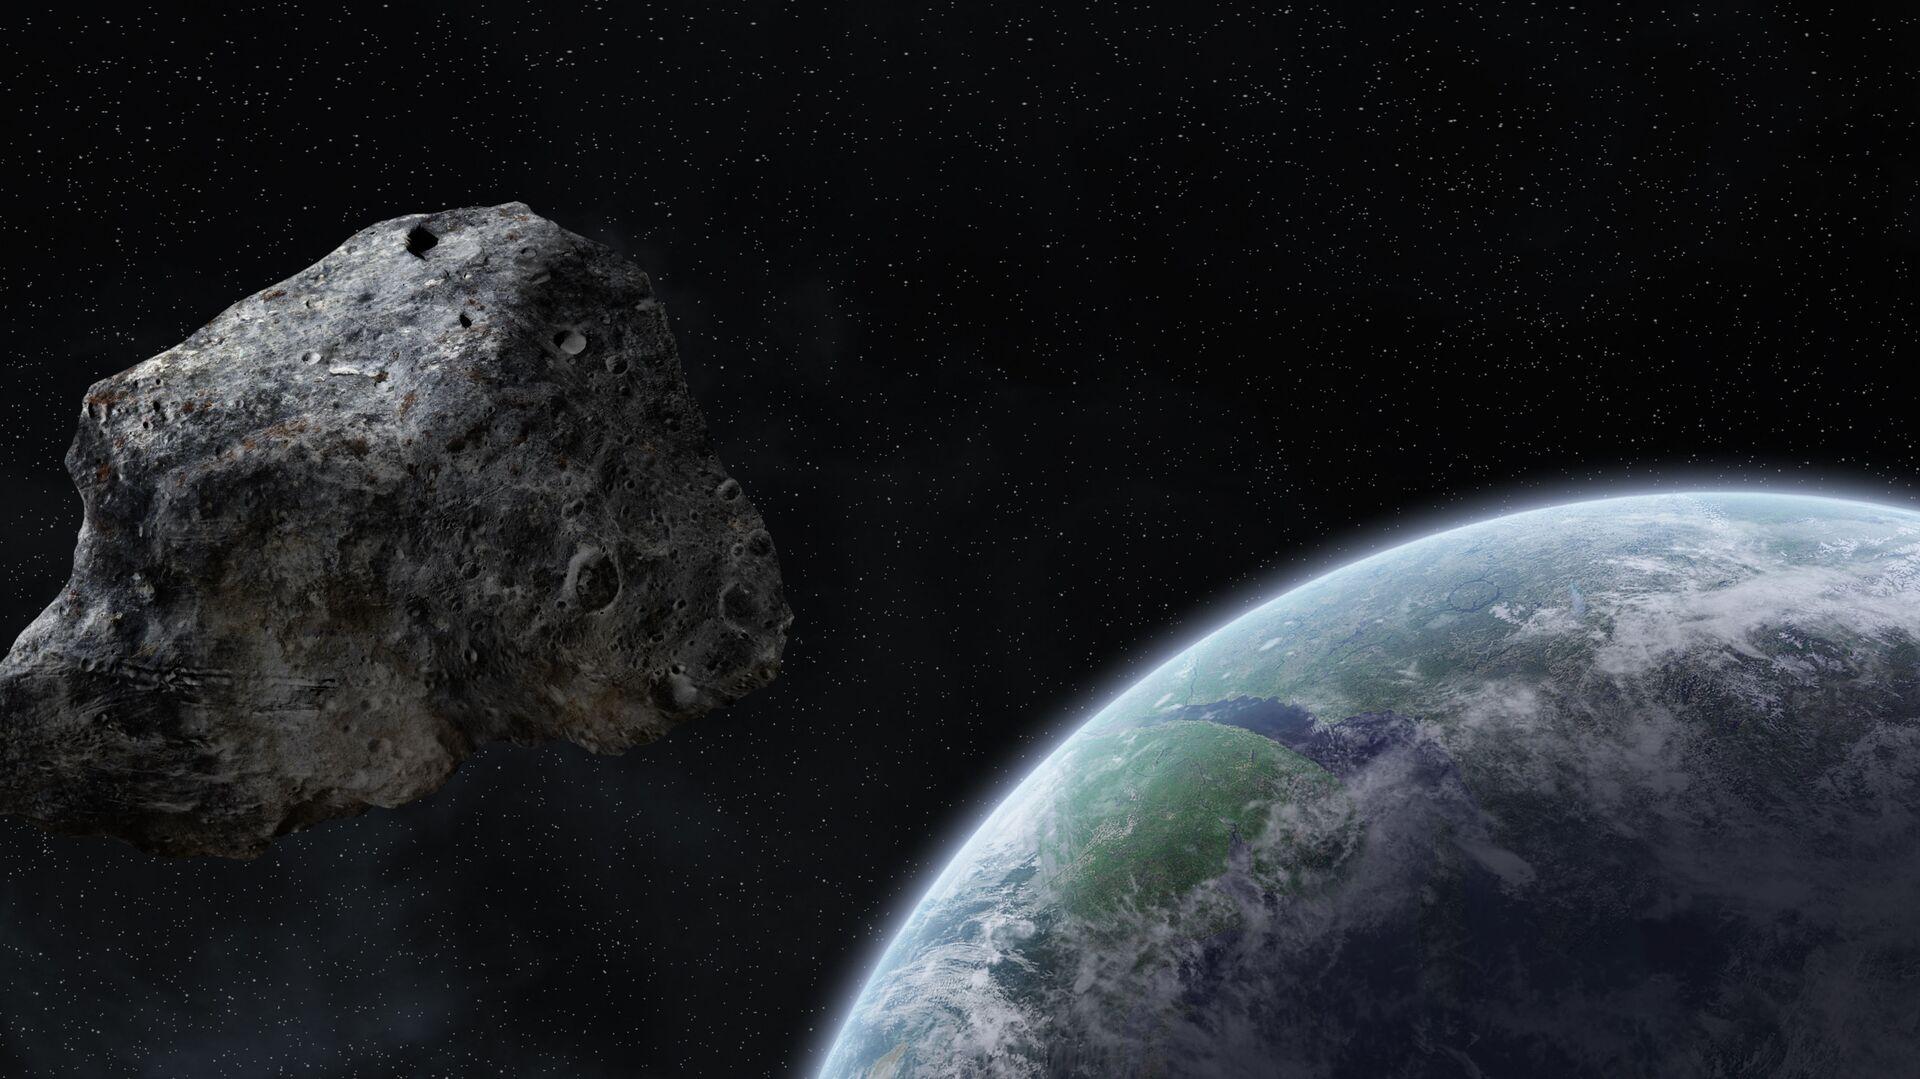 Terra sfiorata a distanza minima da record da un pericoloso asteroide - Sputnik Italia, 1920, 22.02.2021